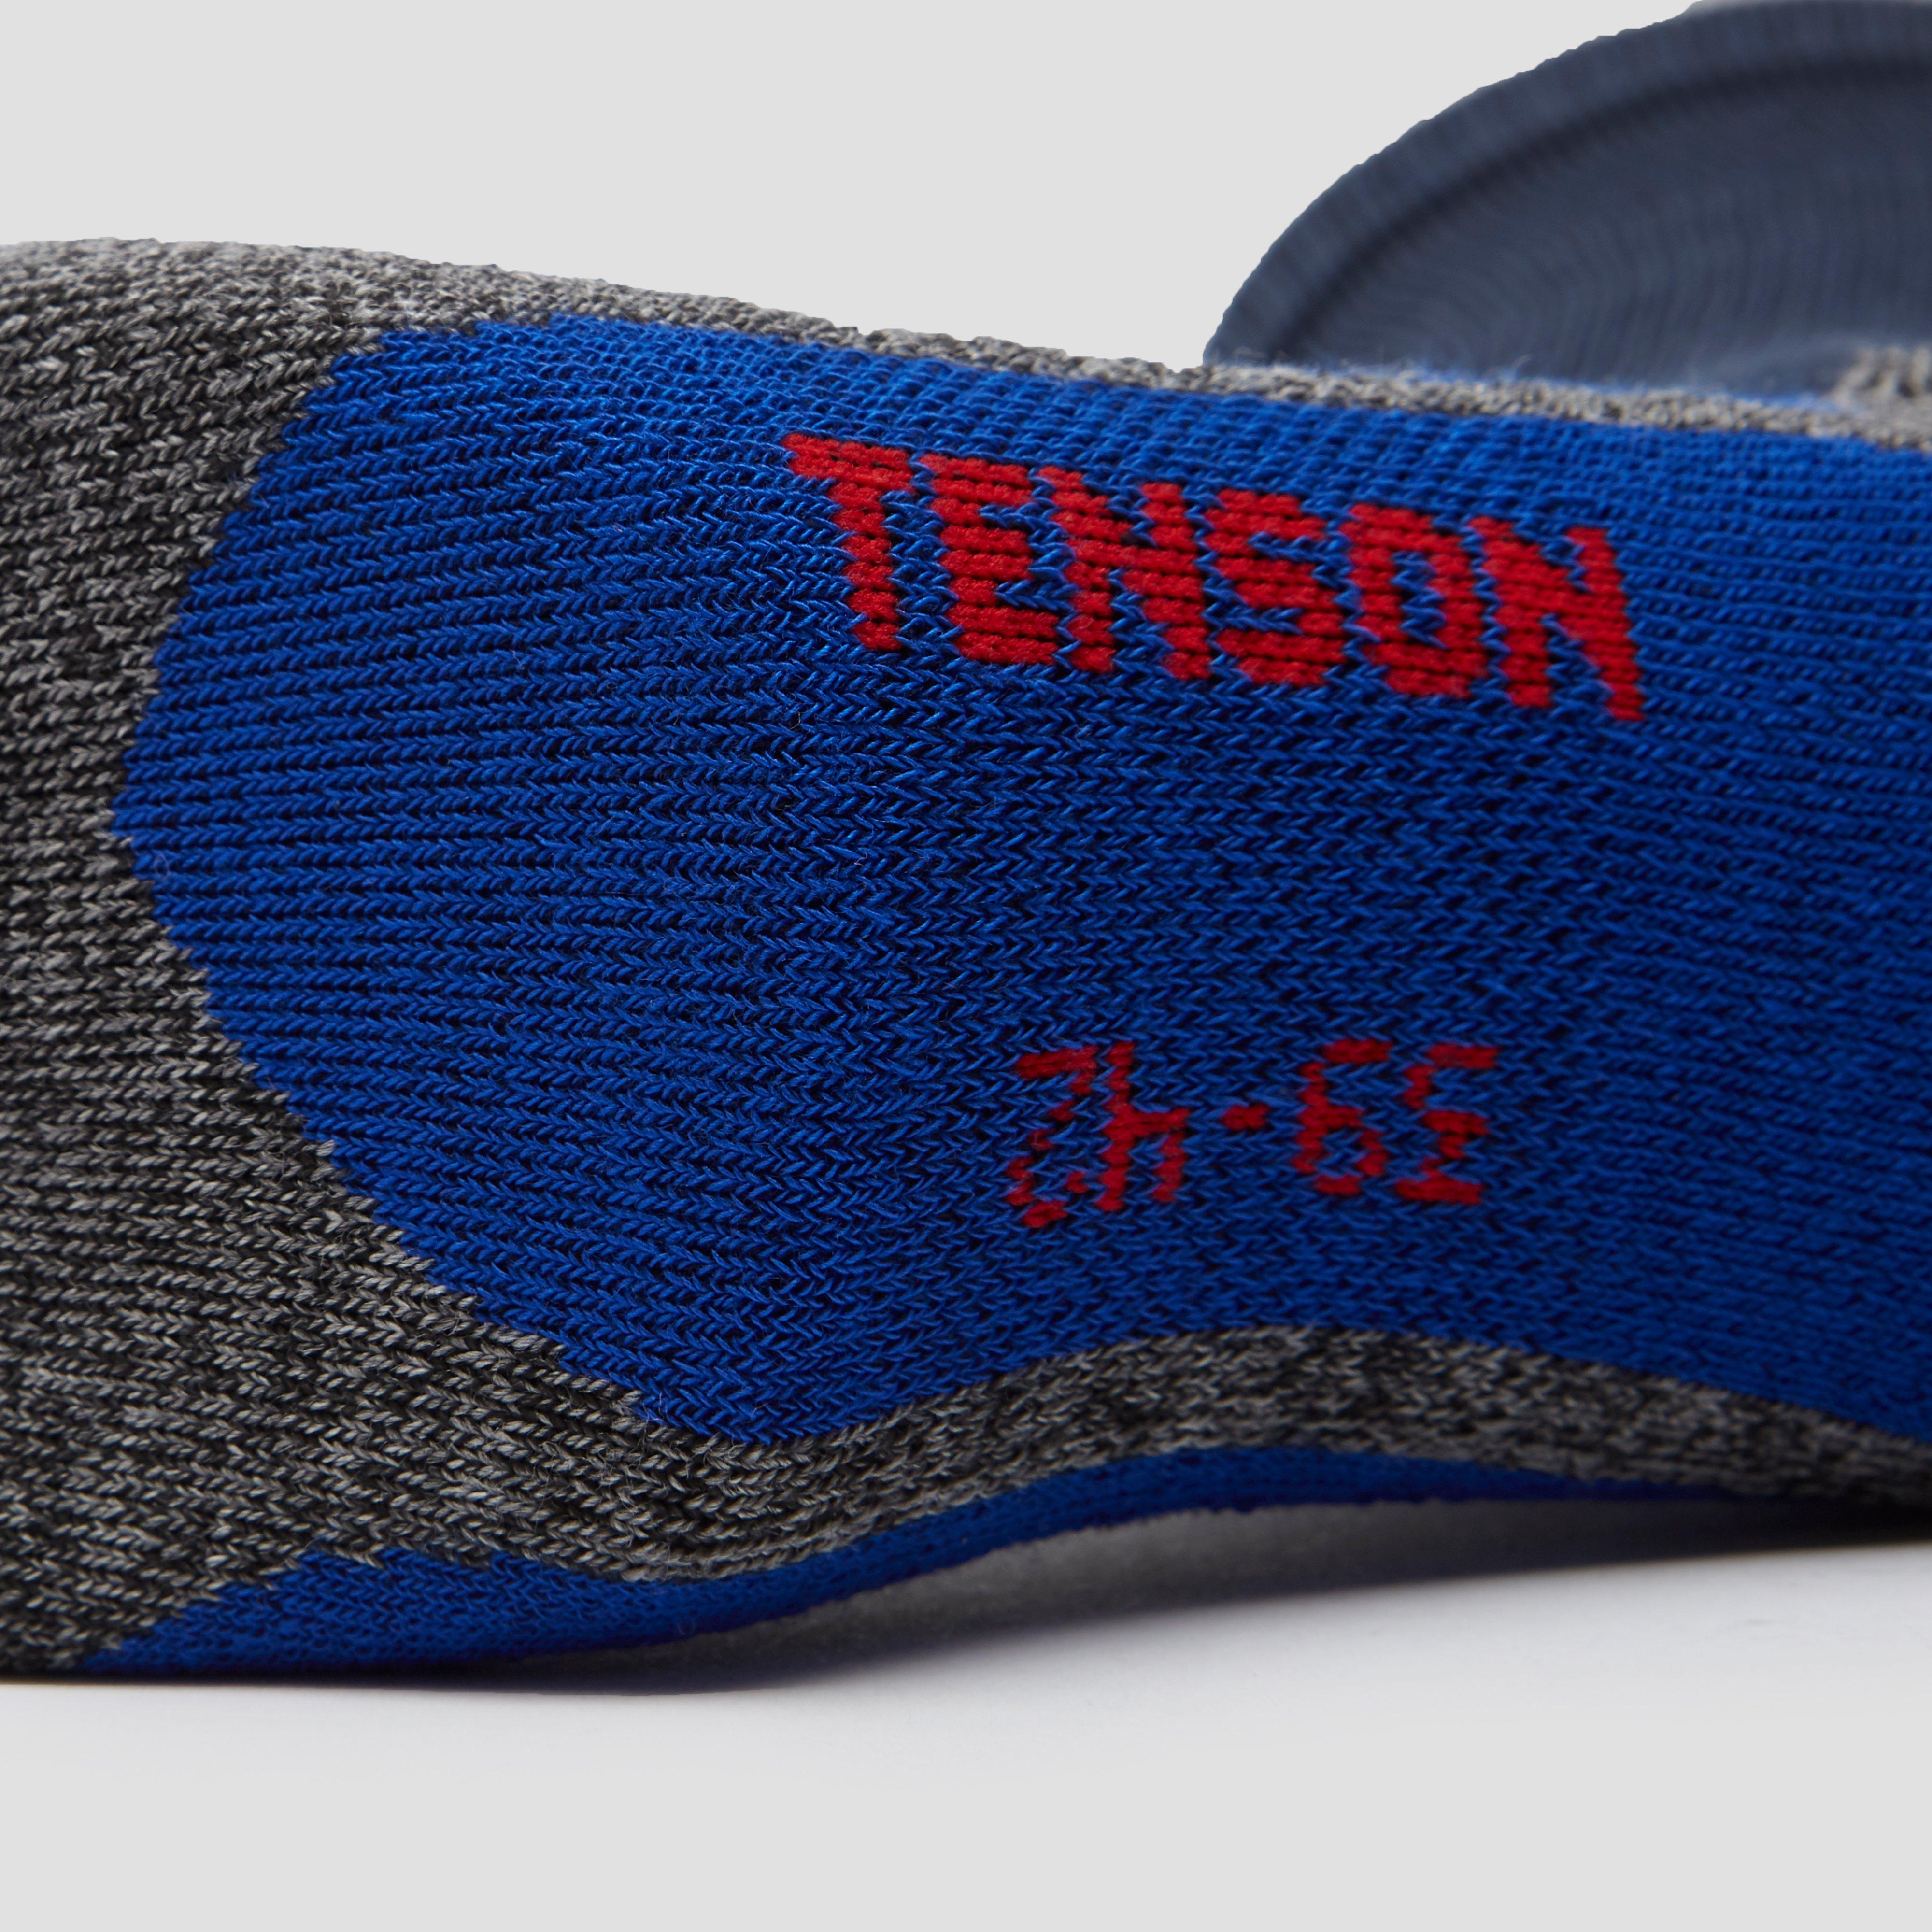 TENSON BASIC CREW WANDELSOKKEN 2-PACK